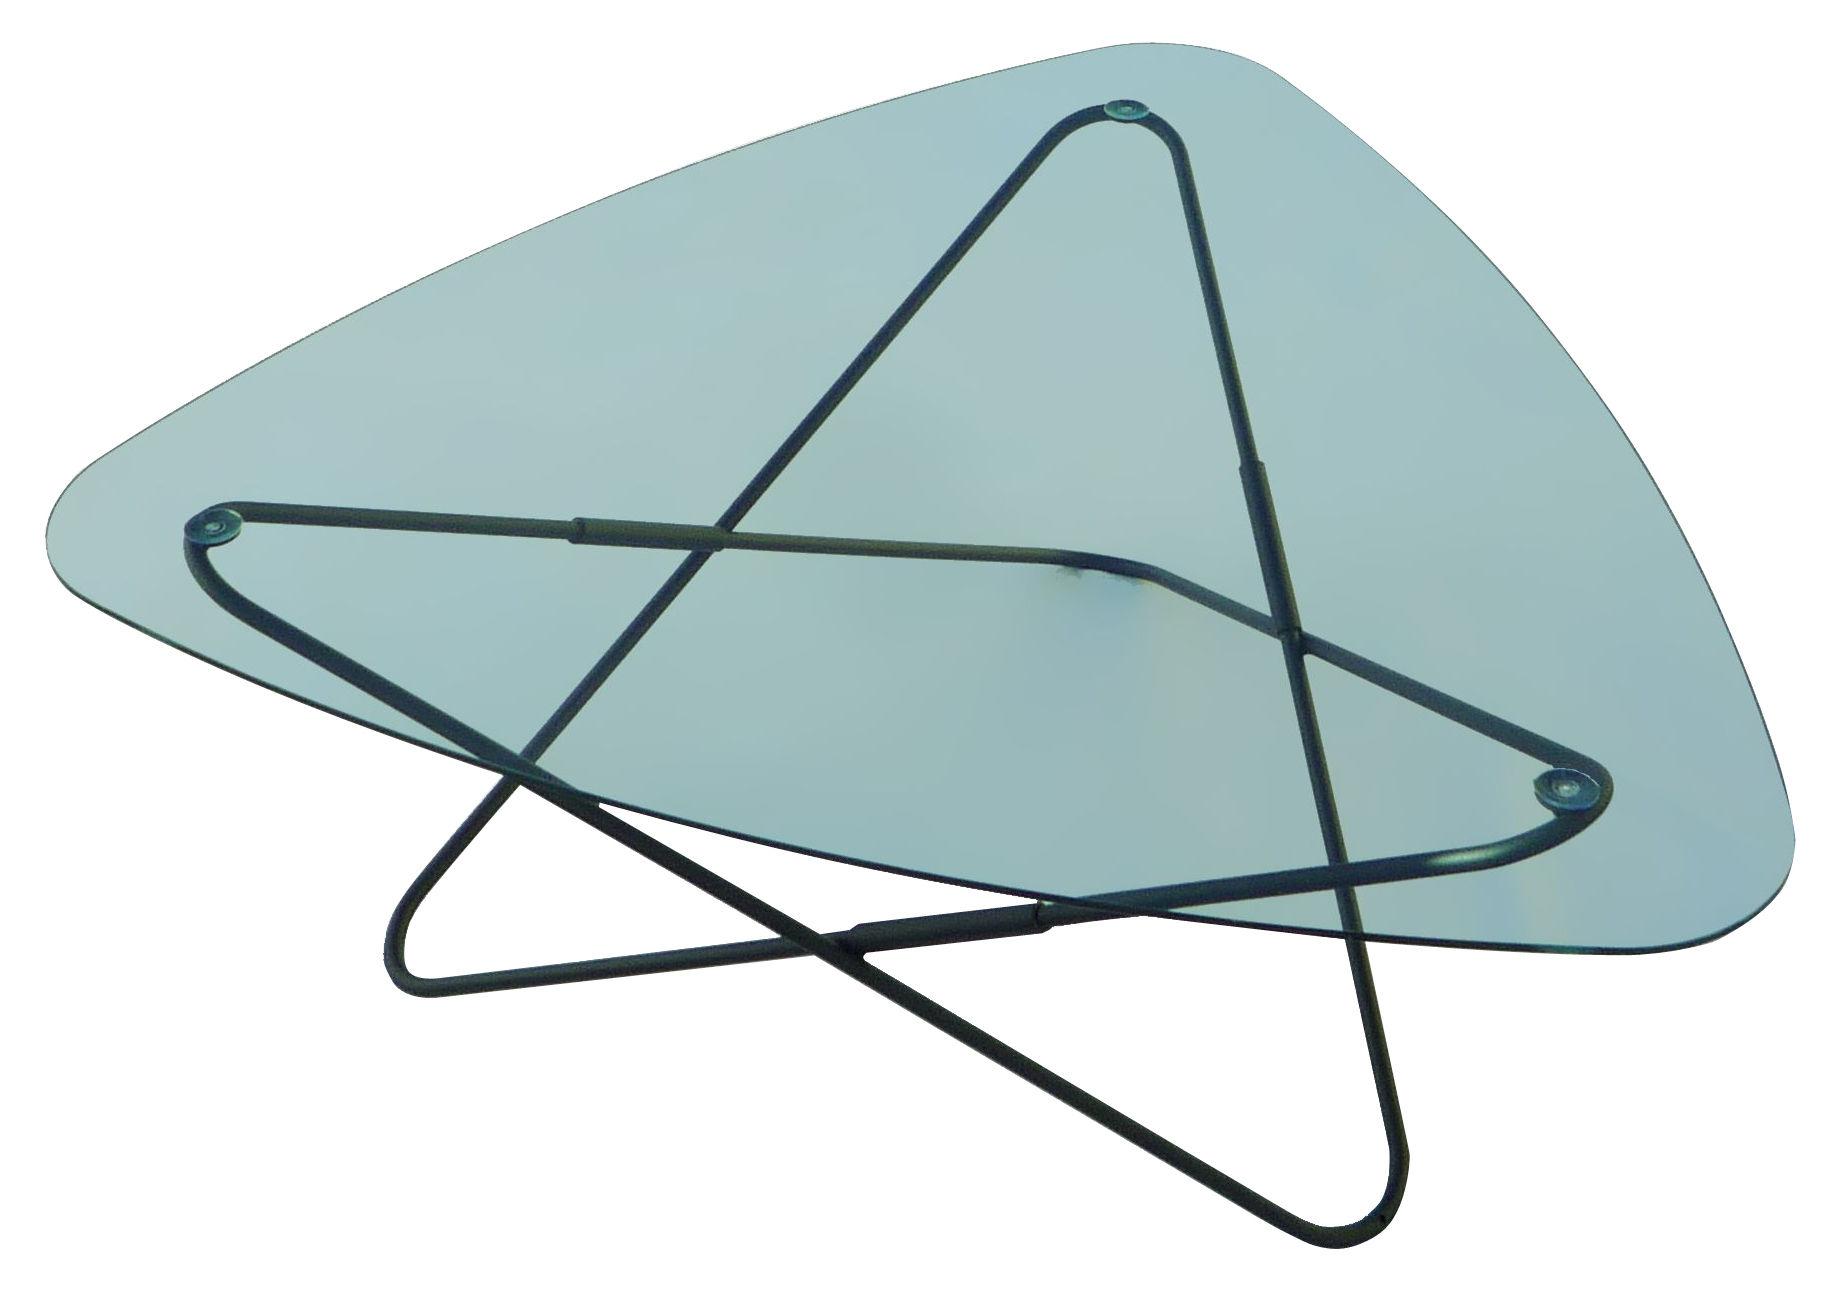 Arredamento - Tavolini  - Tavolino AA Butterfly - Struttura nera - L 95 cm di AA-New Design - Struttura nera / Vetro trasparente - Acciaio laccato, Vetro temprato